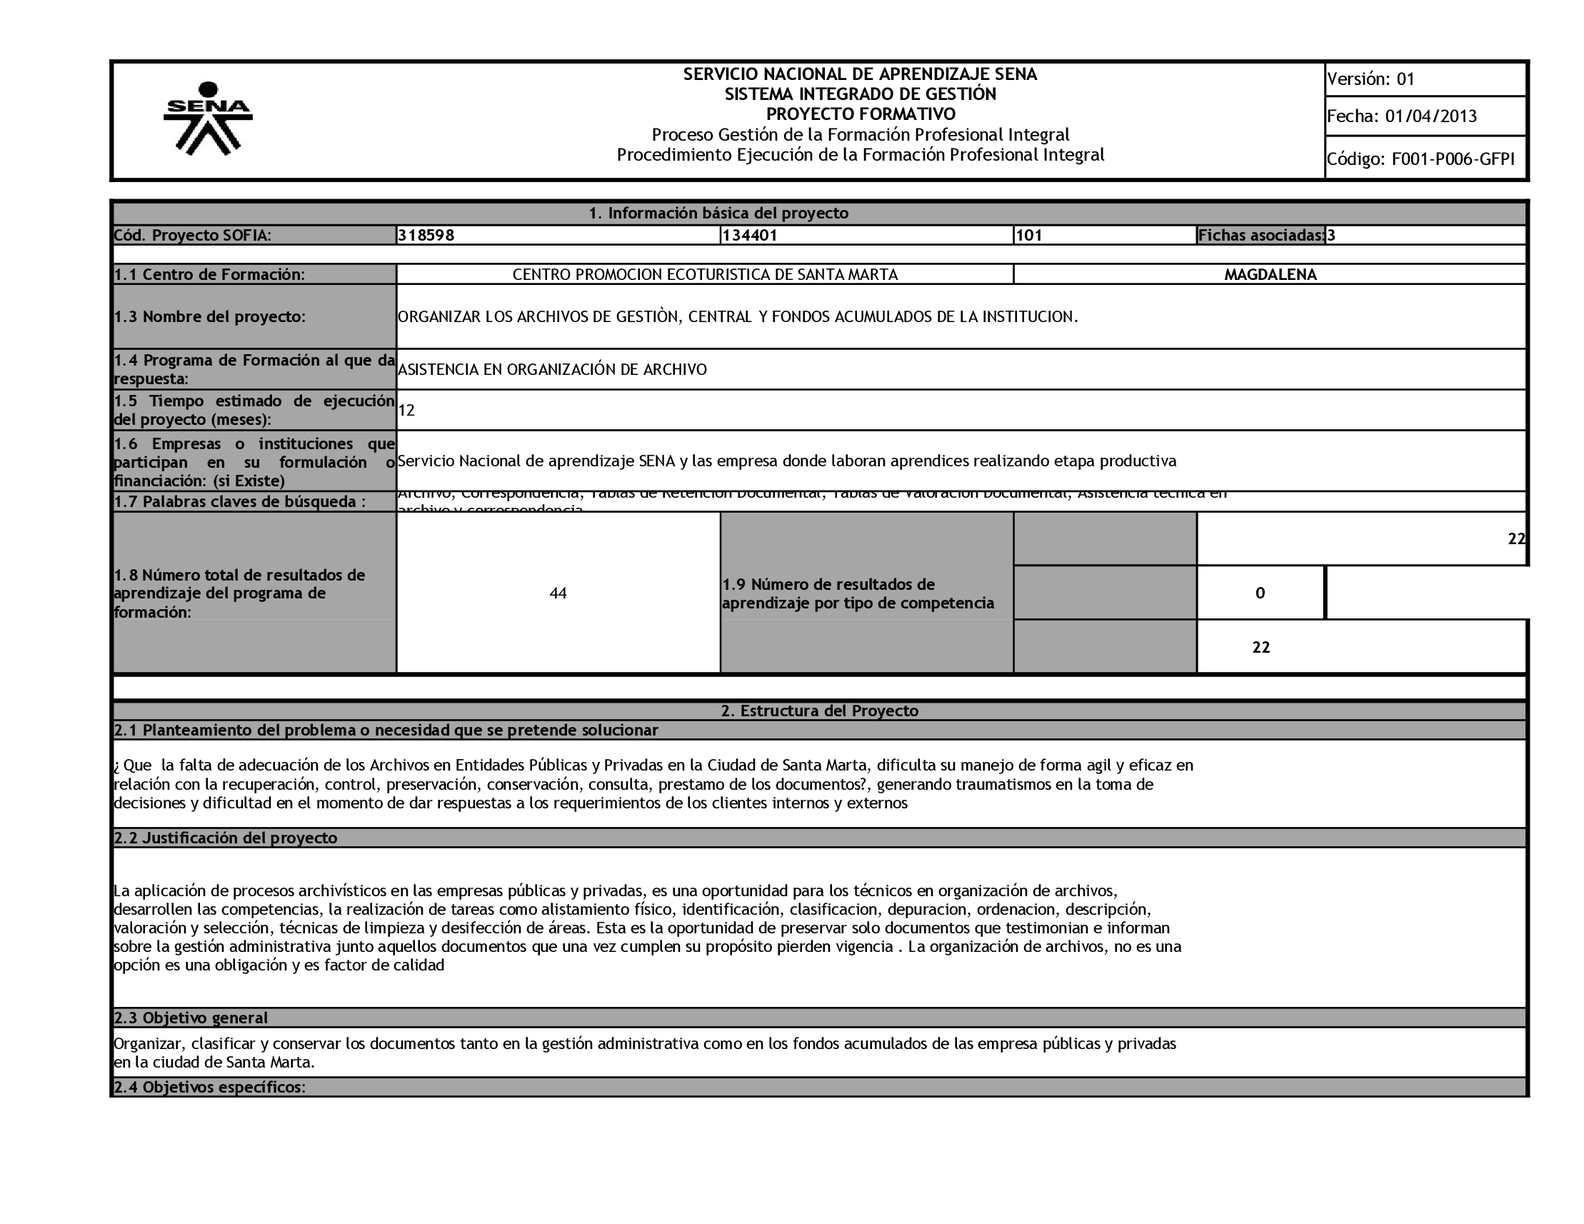 Proyecto Asitencia En Organización De Archivo 2 (1)